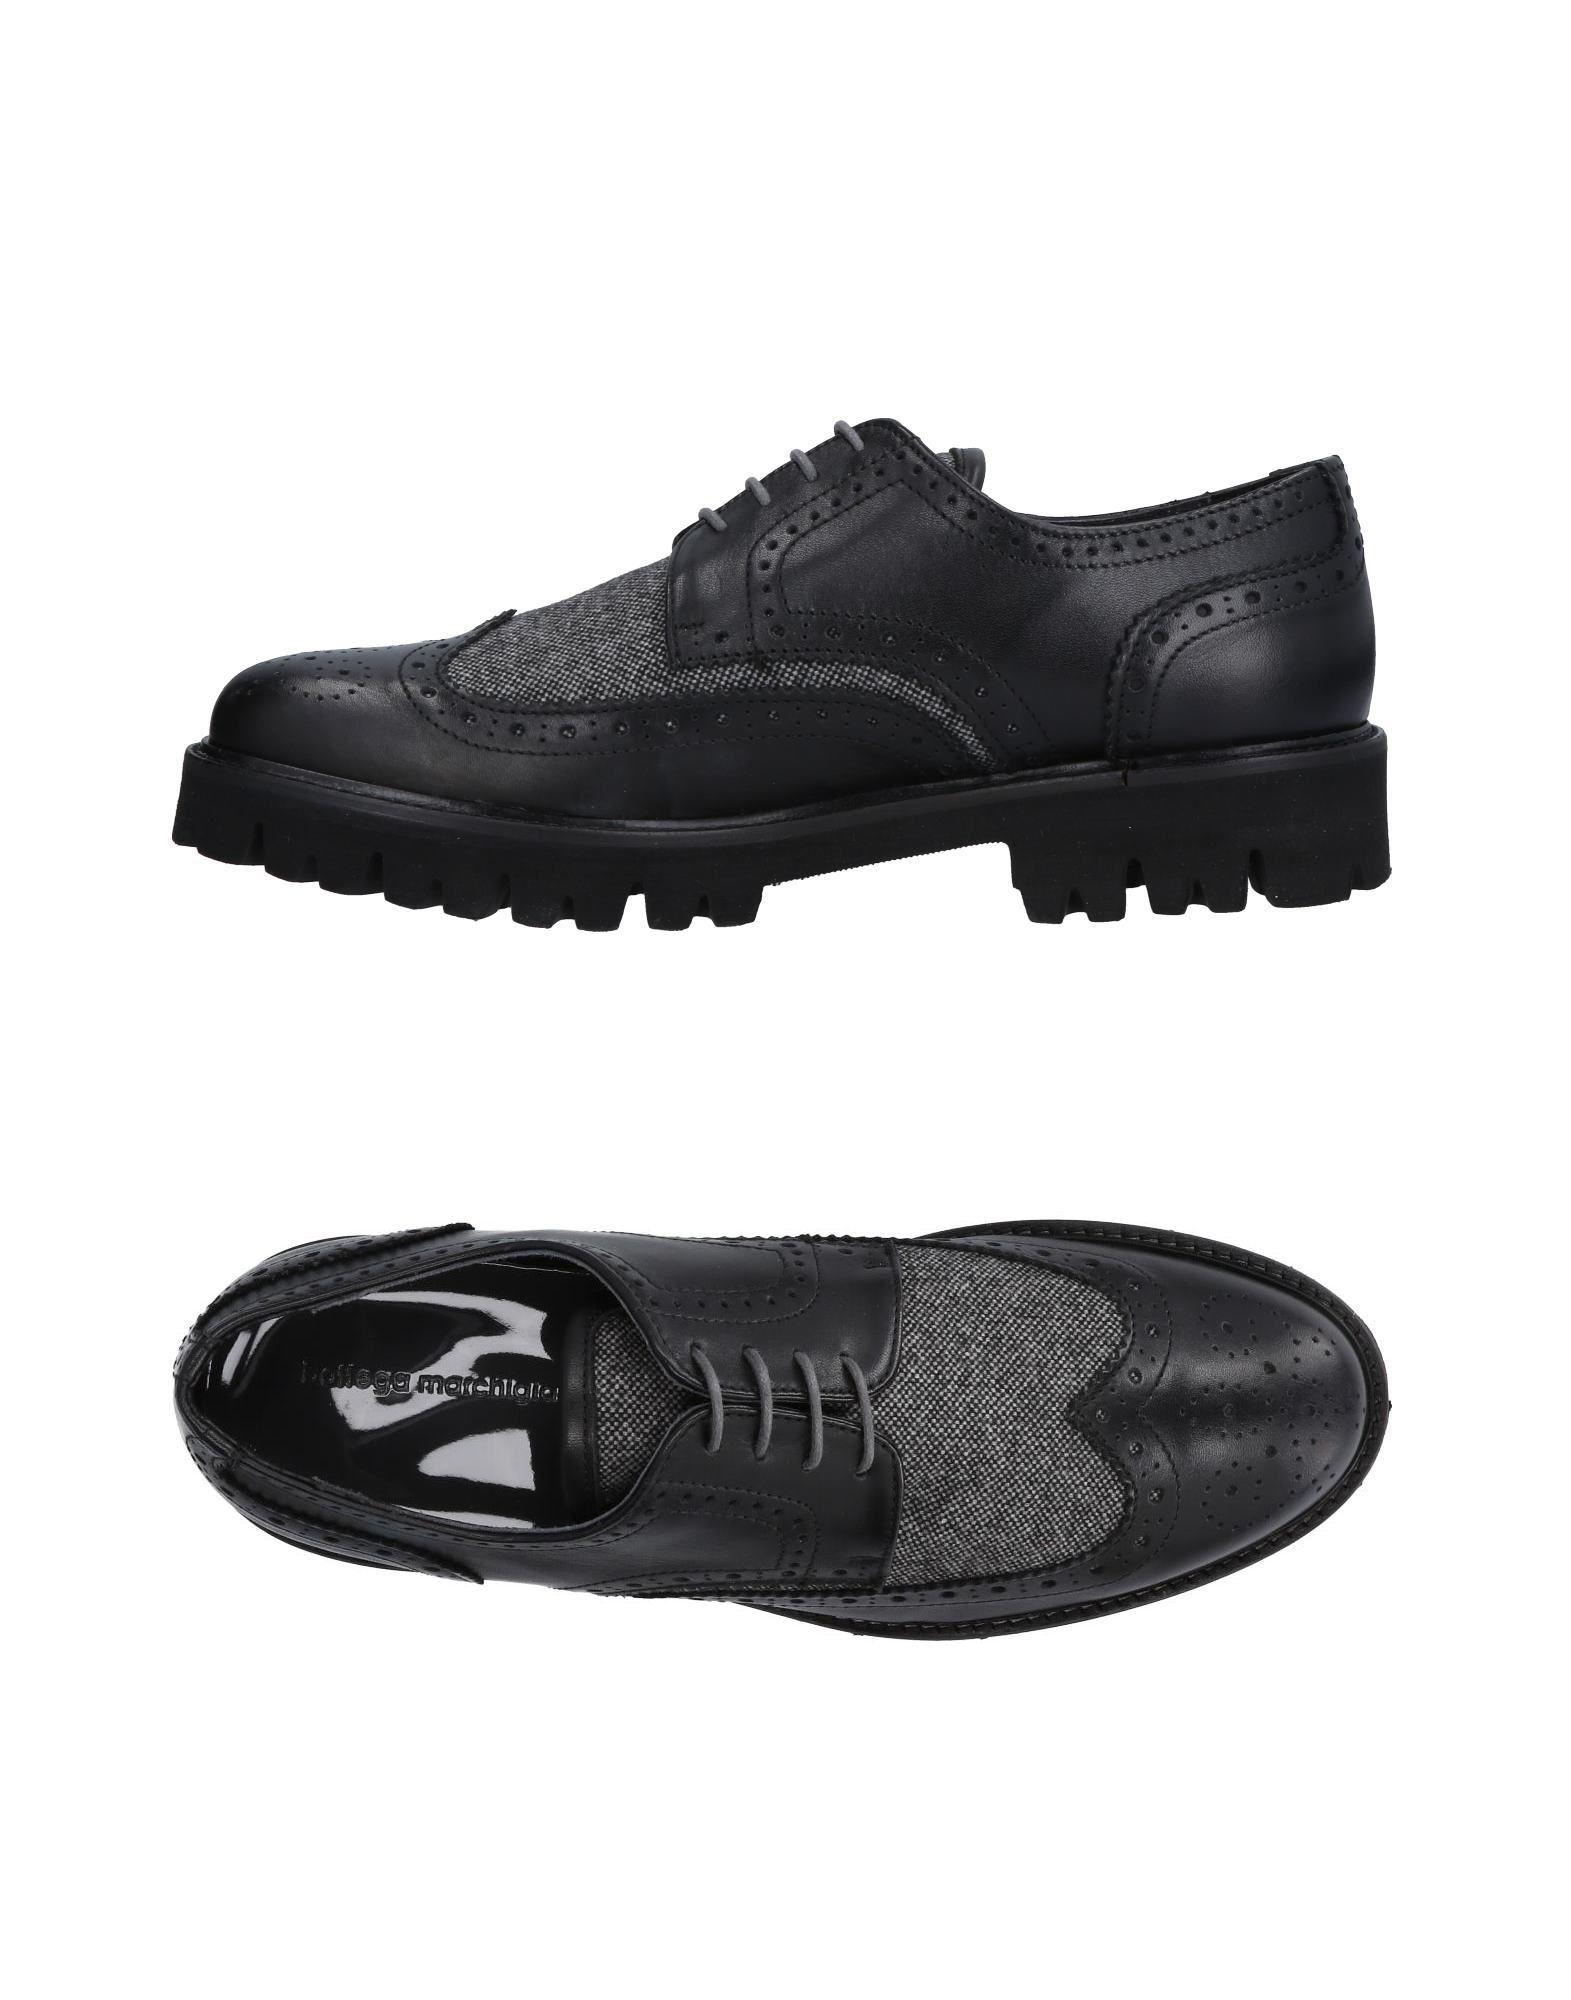 Rabatt echte Schuhe Bottega Marchigiana Schnürschuhe Herren  11494281VV